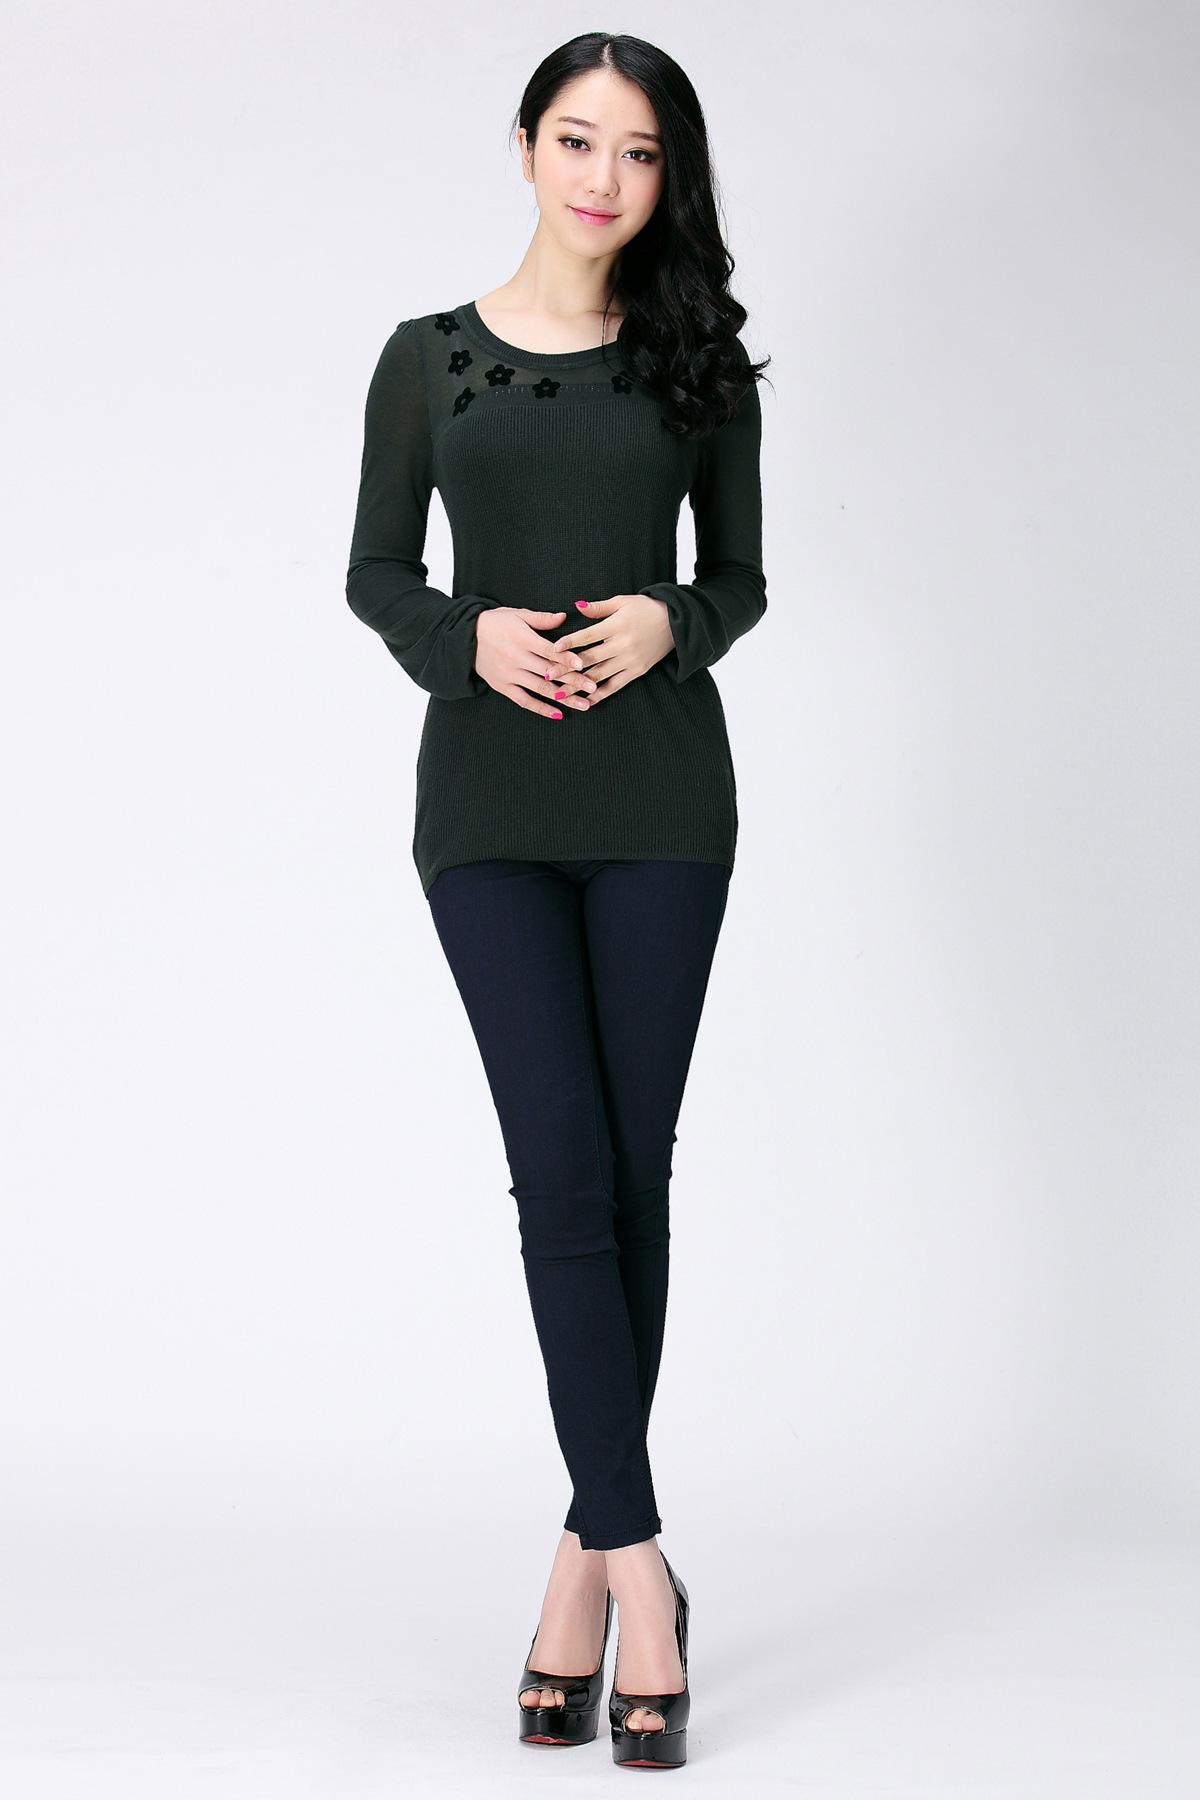 衫-2014春装新品韩版女针织圆领袖子镂空装 显